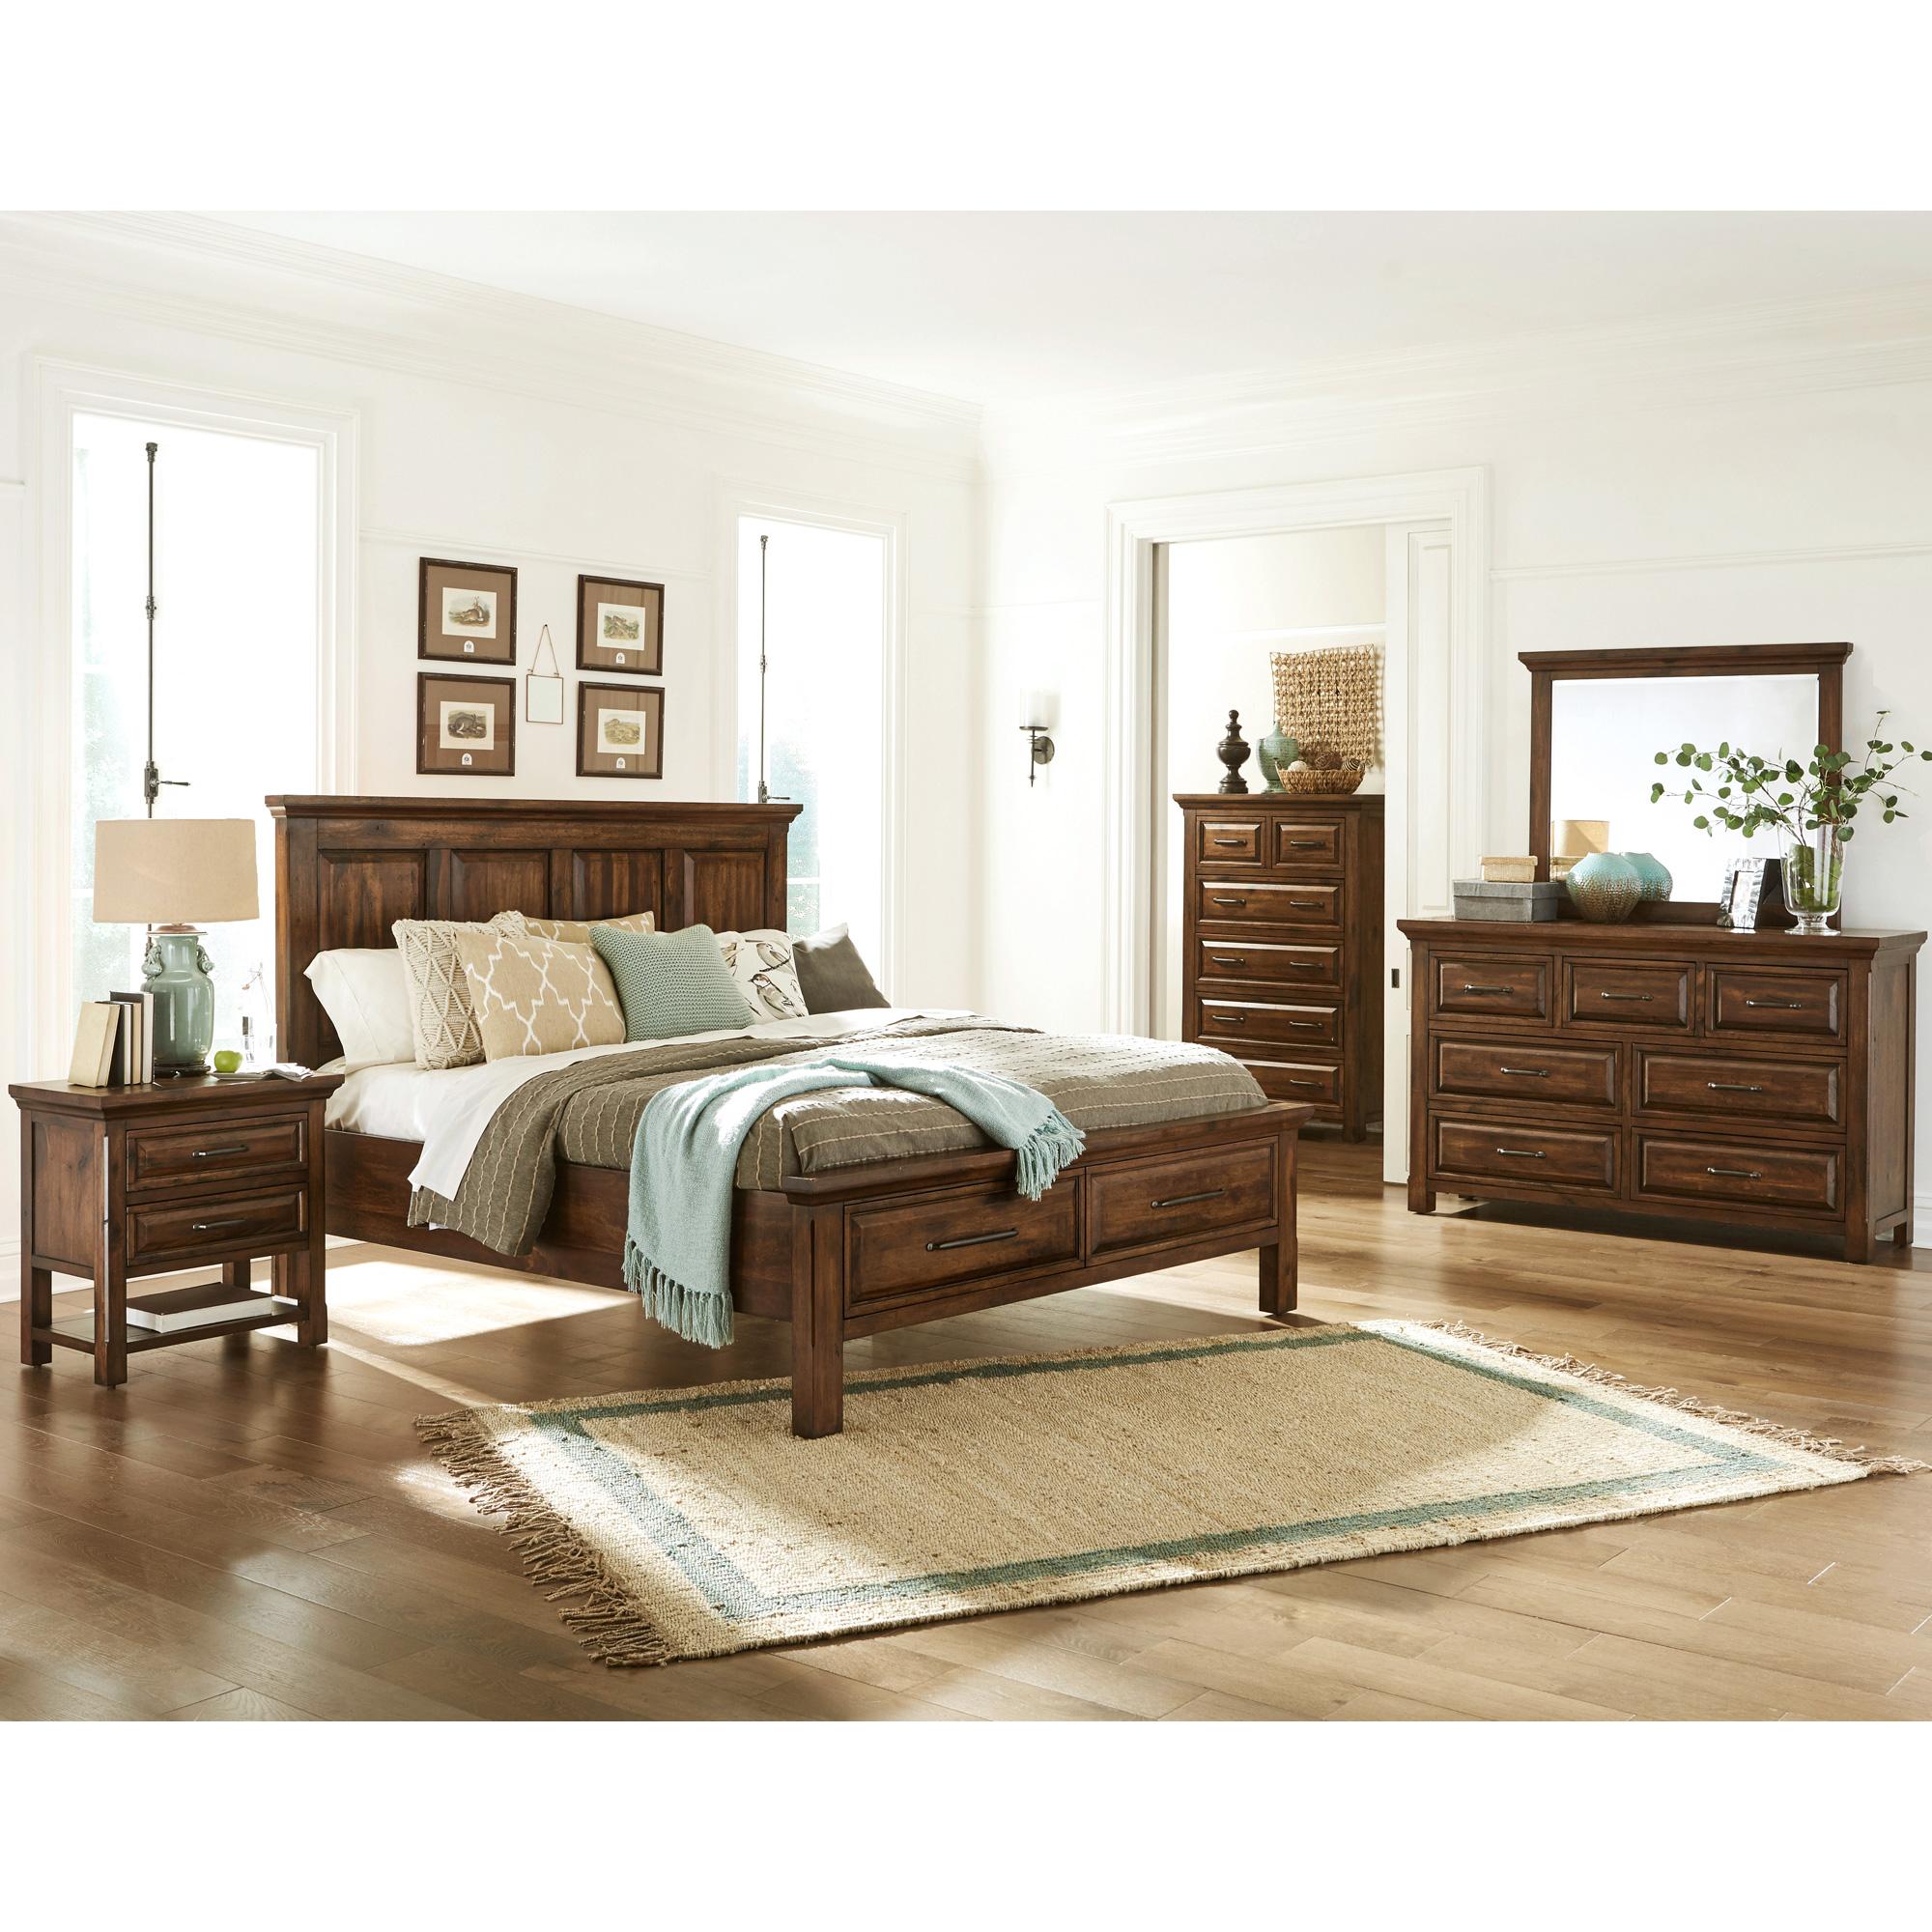 Napa Furniture | Hill Crest Dark Chestnut King 4 Piece Room Group Bedroom Set